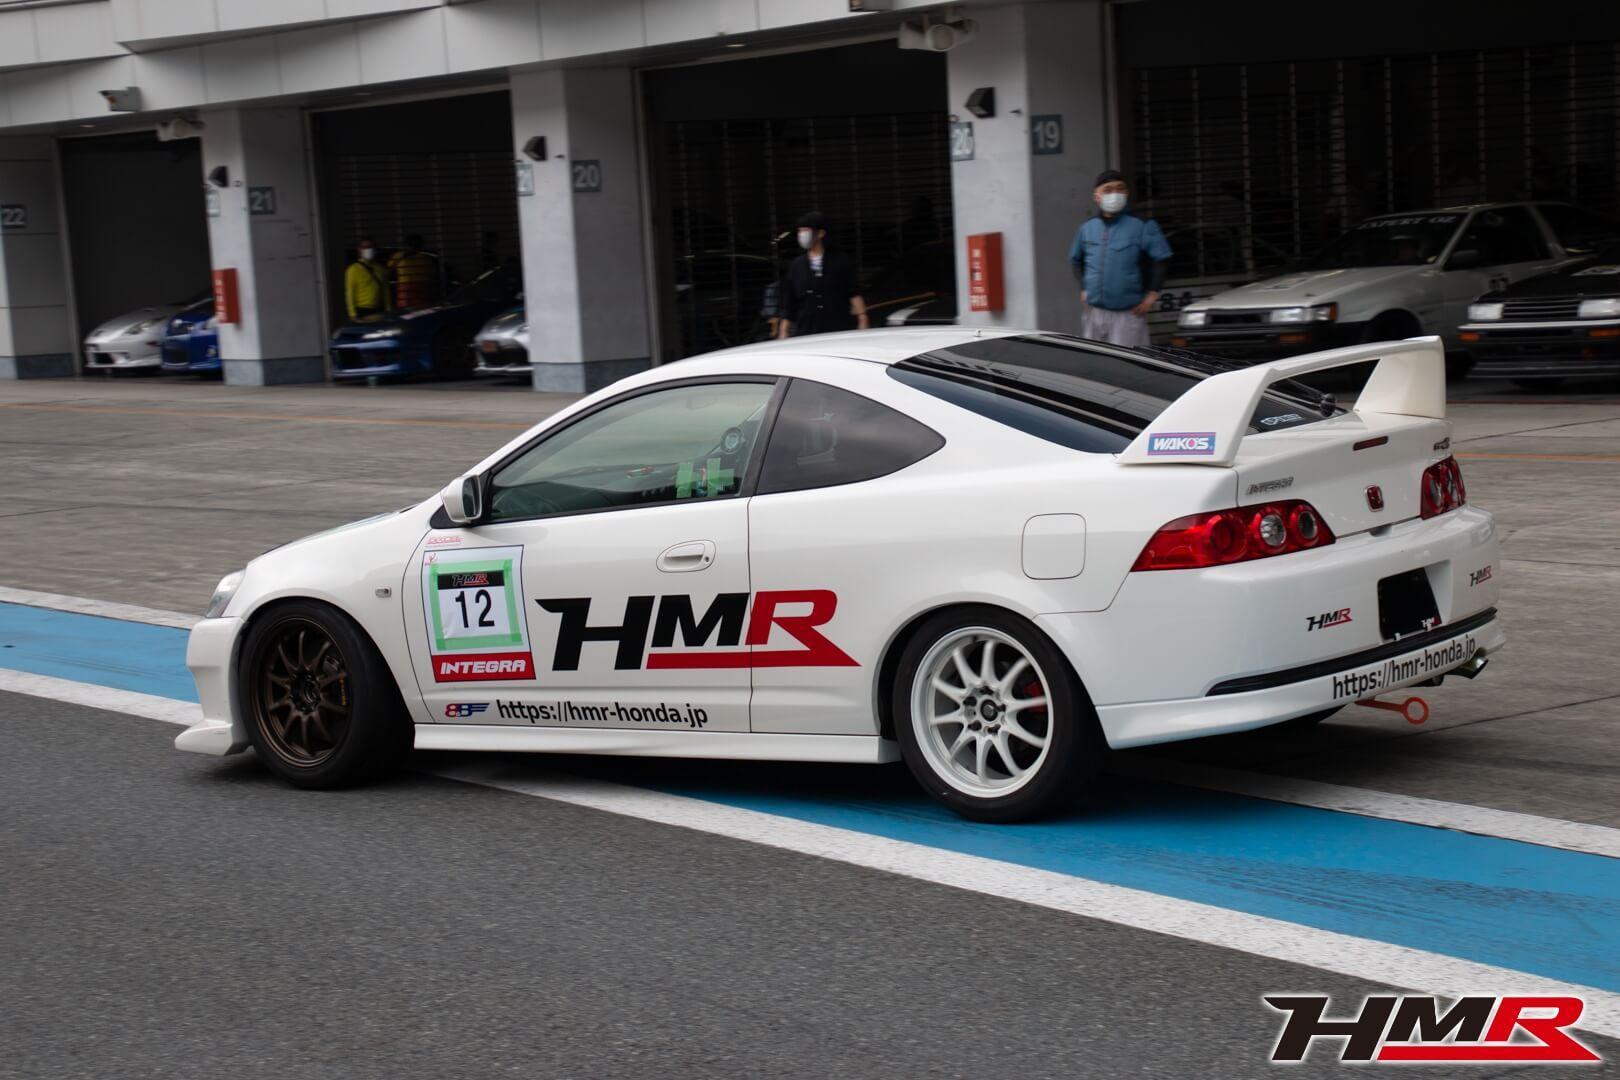 Fuji1-GP インテグラタイプR